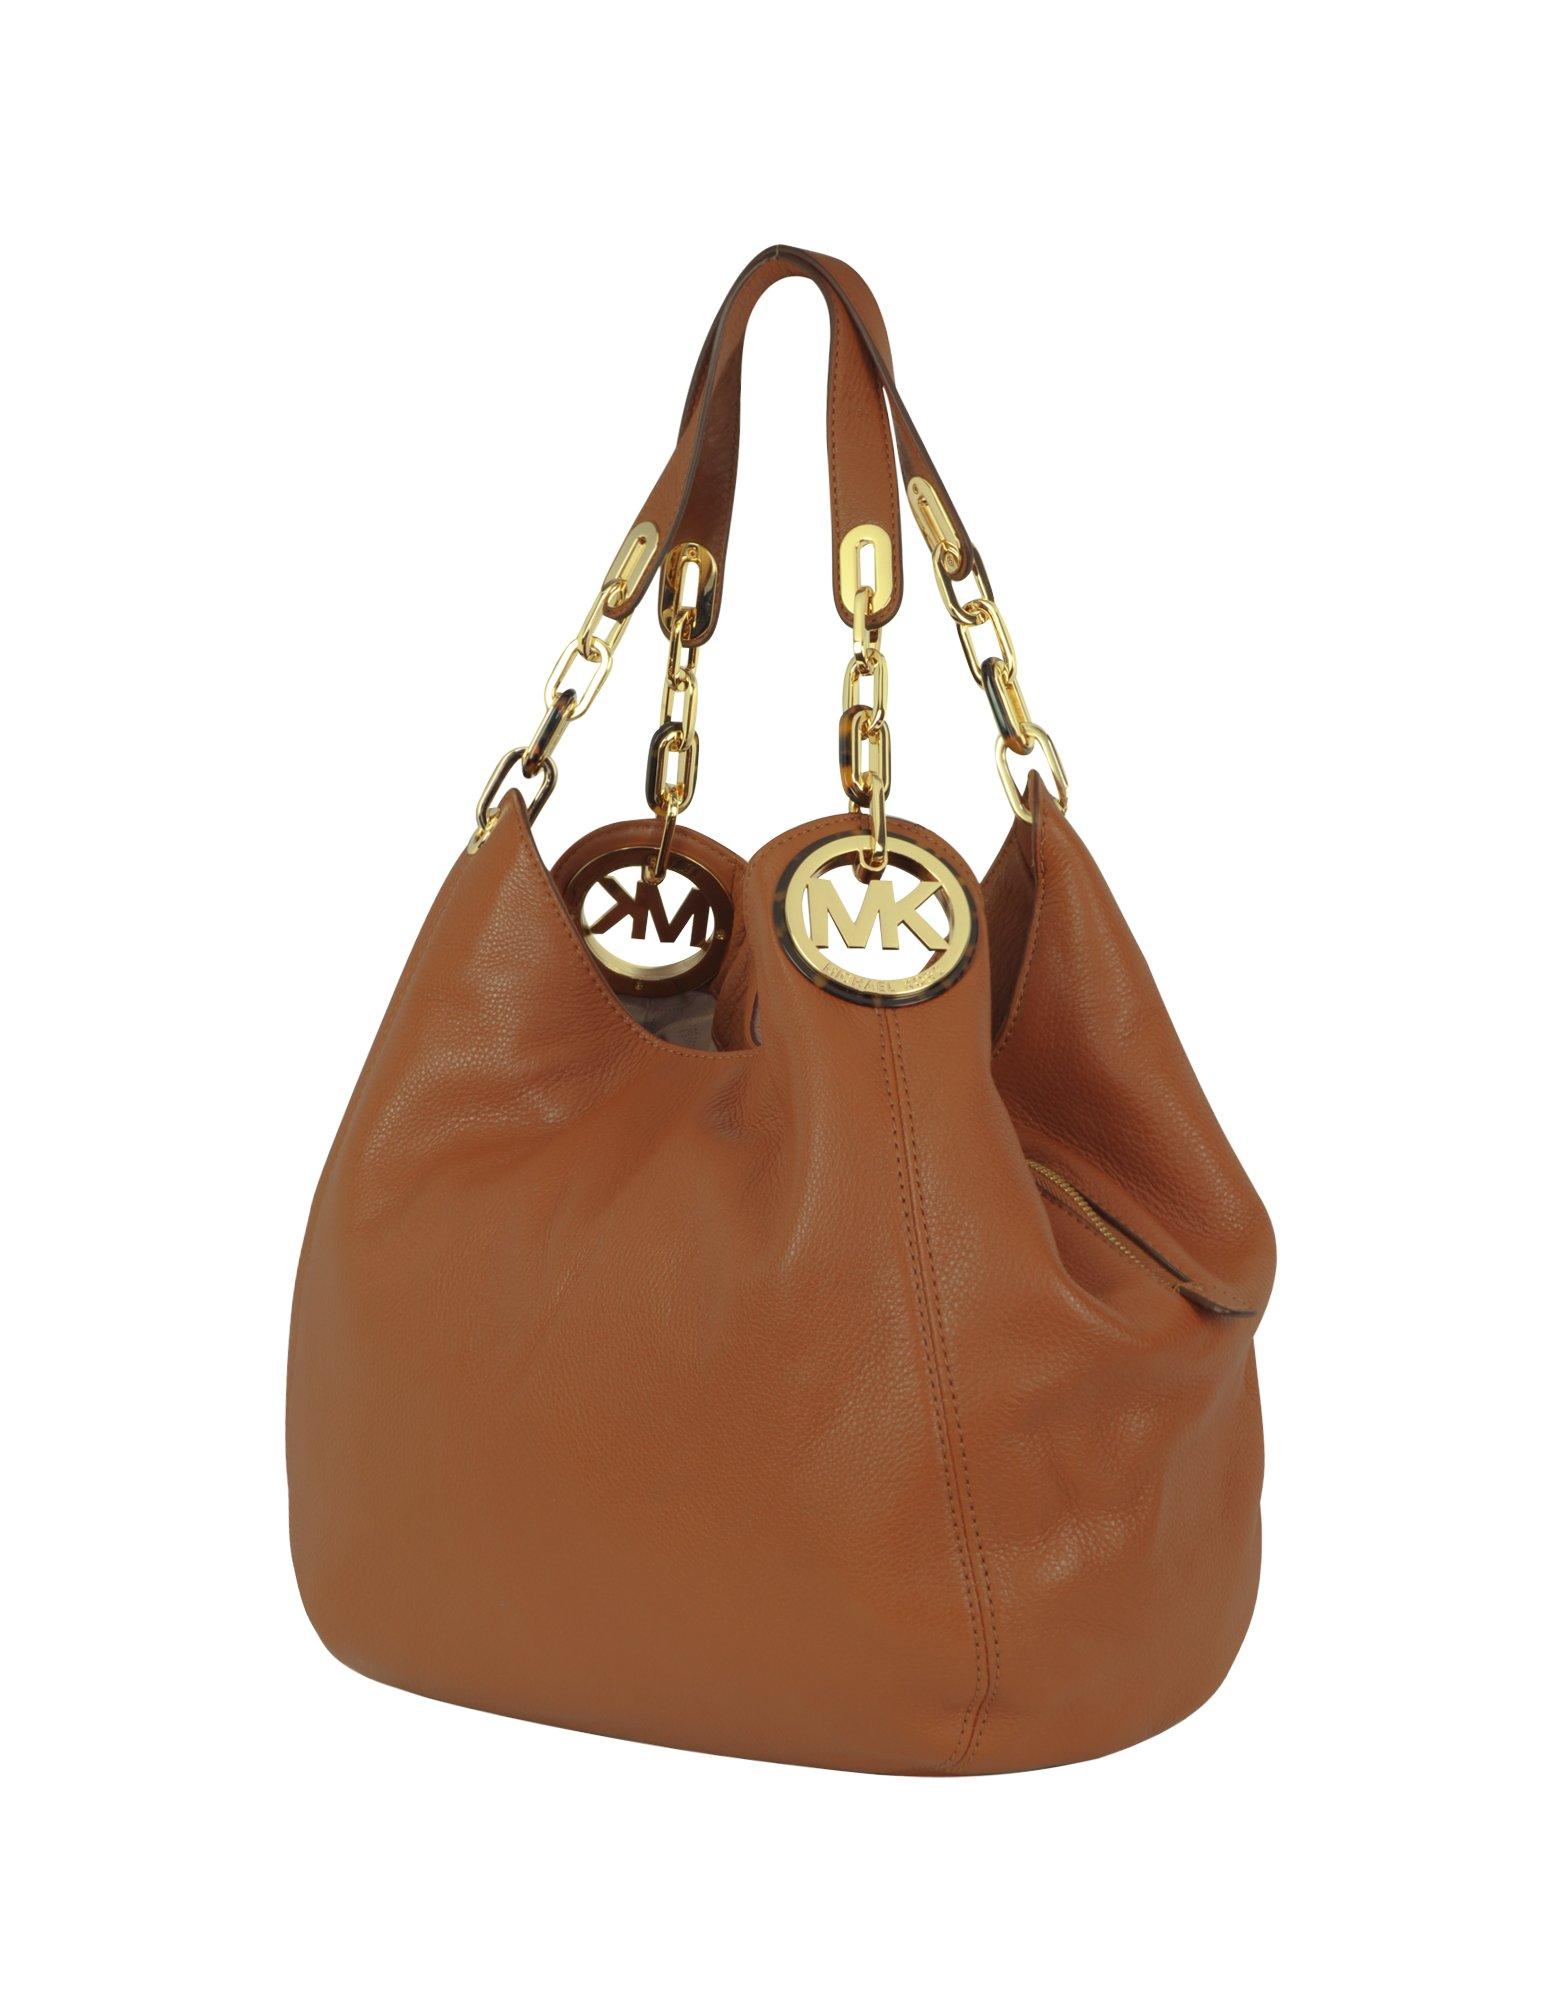 MK large fulton shoulder bag